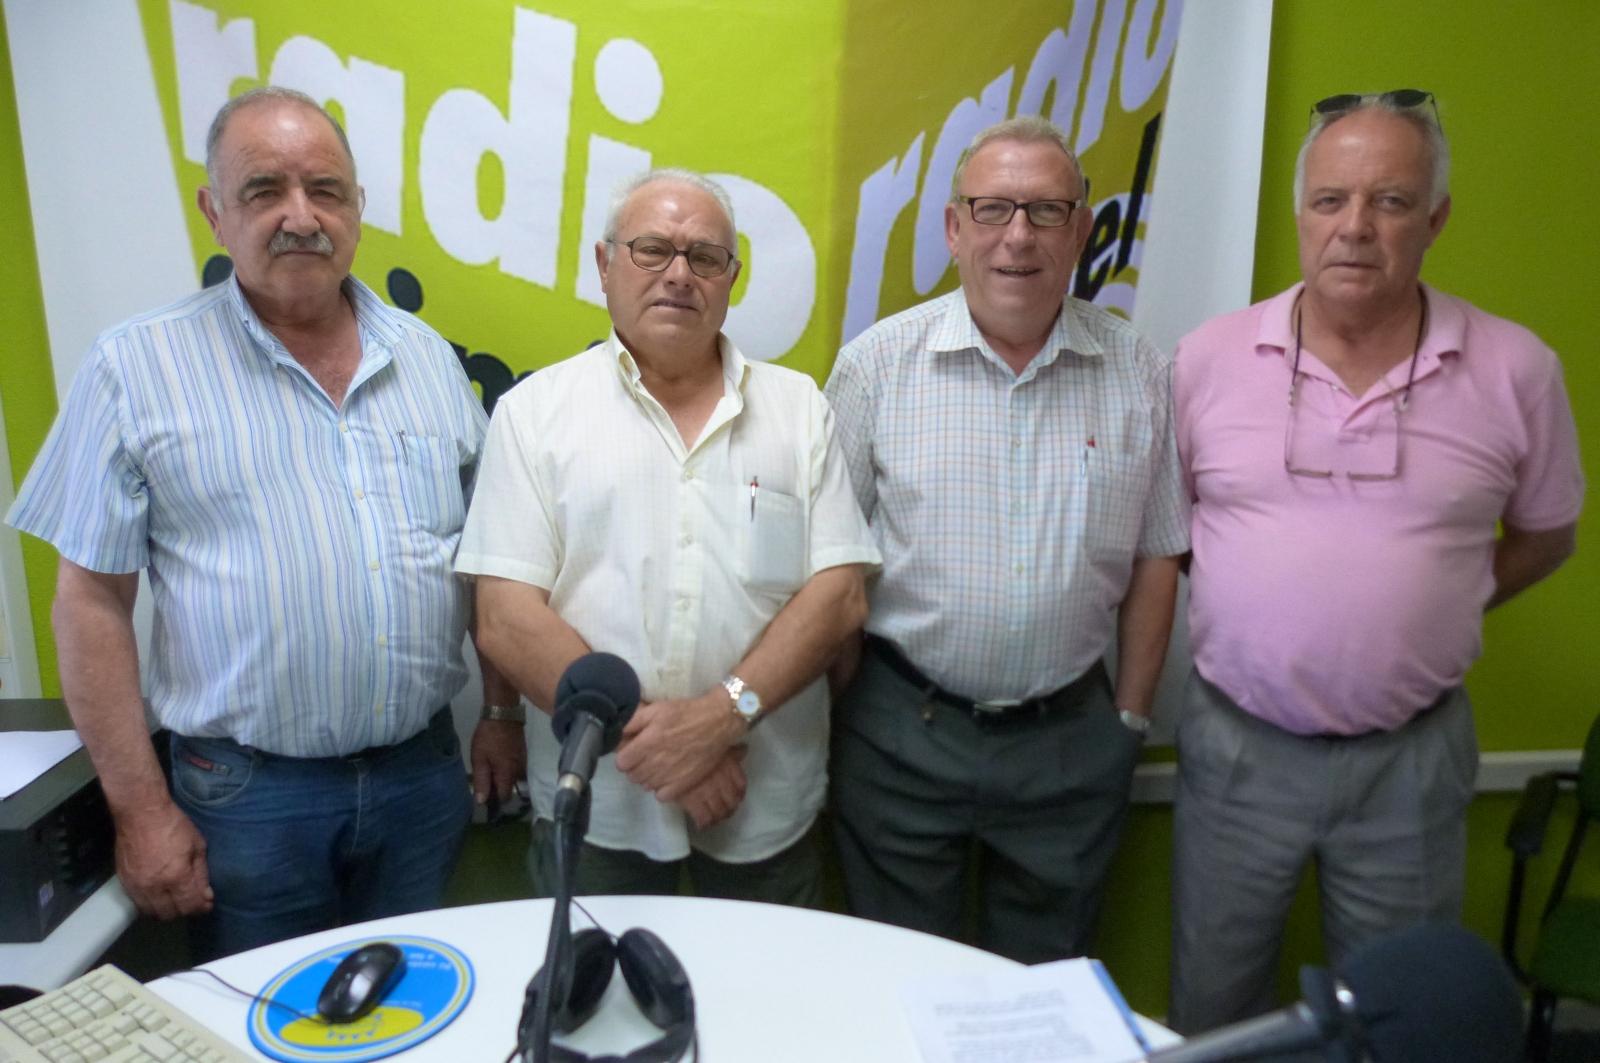 El Centro de Mayores viajará a las Lagunas de Villafranca en julio